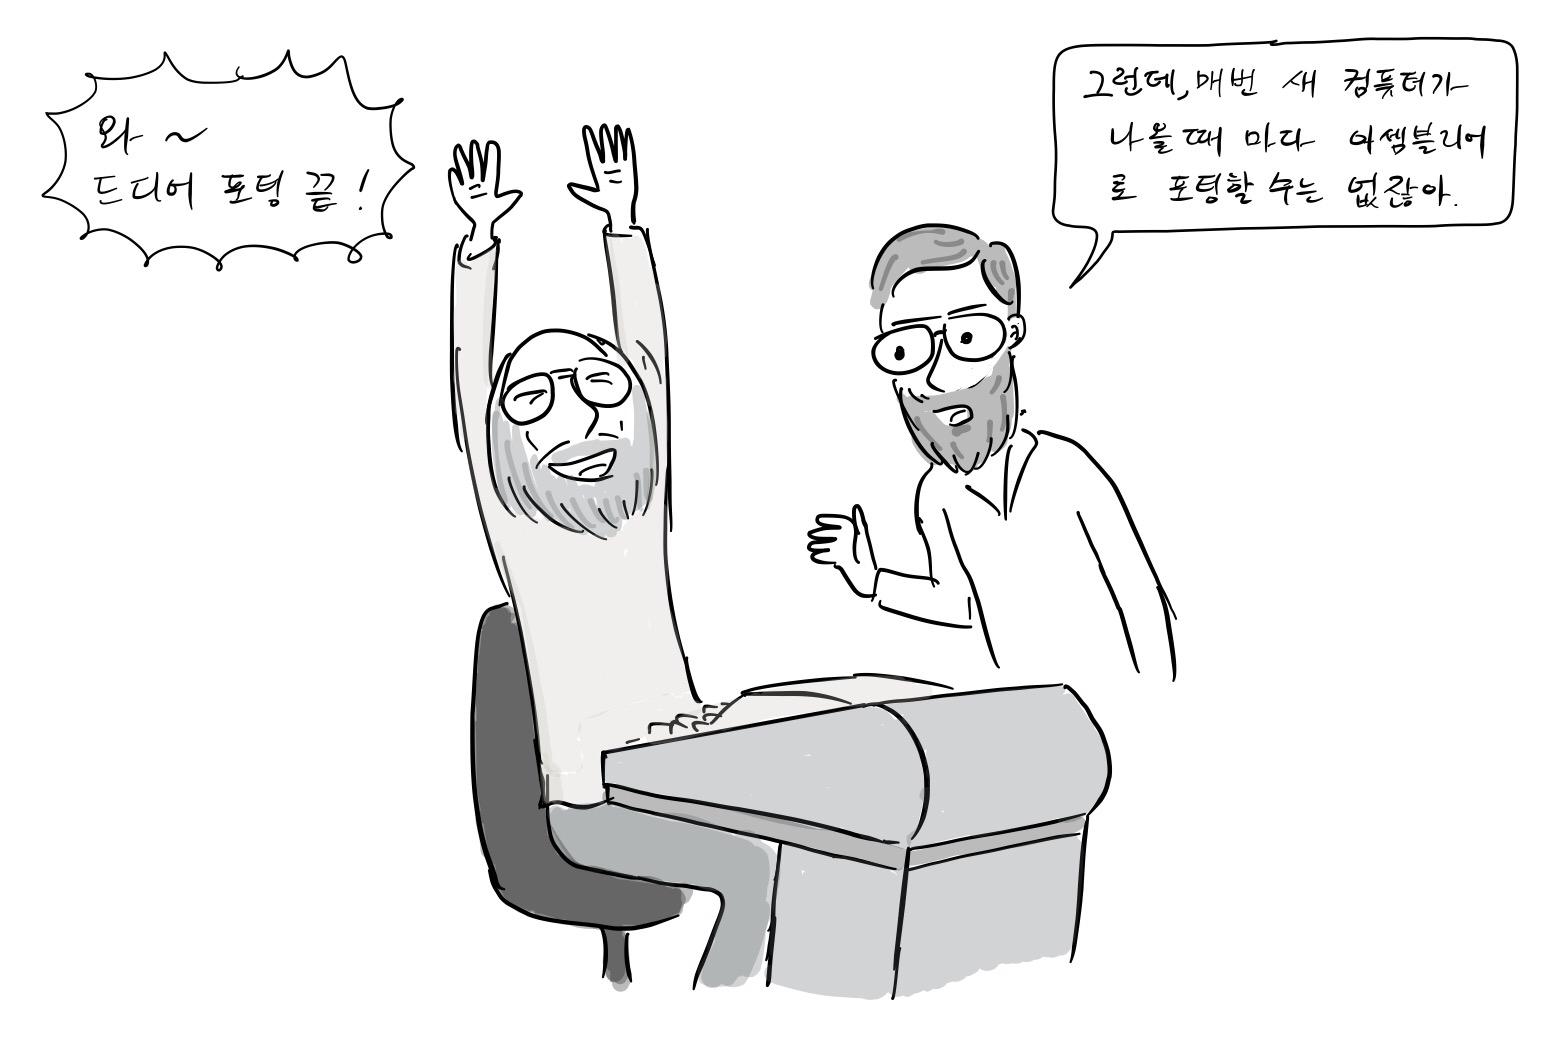 켄톰슨: 드디어 포팅 끝~~~ 데니스: 이봐, 톰 매번 새 컴퓨터가 나올 때 마다, 매번 코드를 다시 짤 수는 없잖아